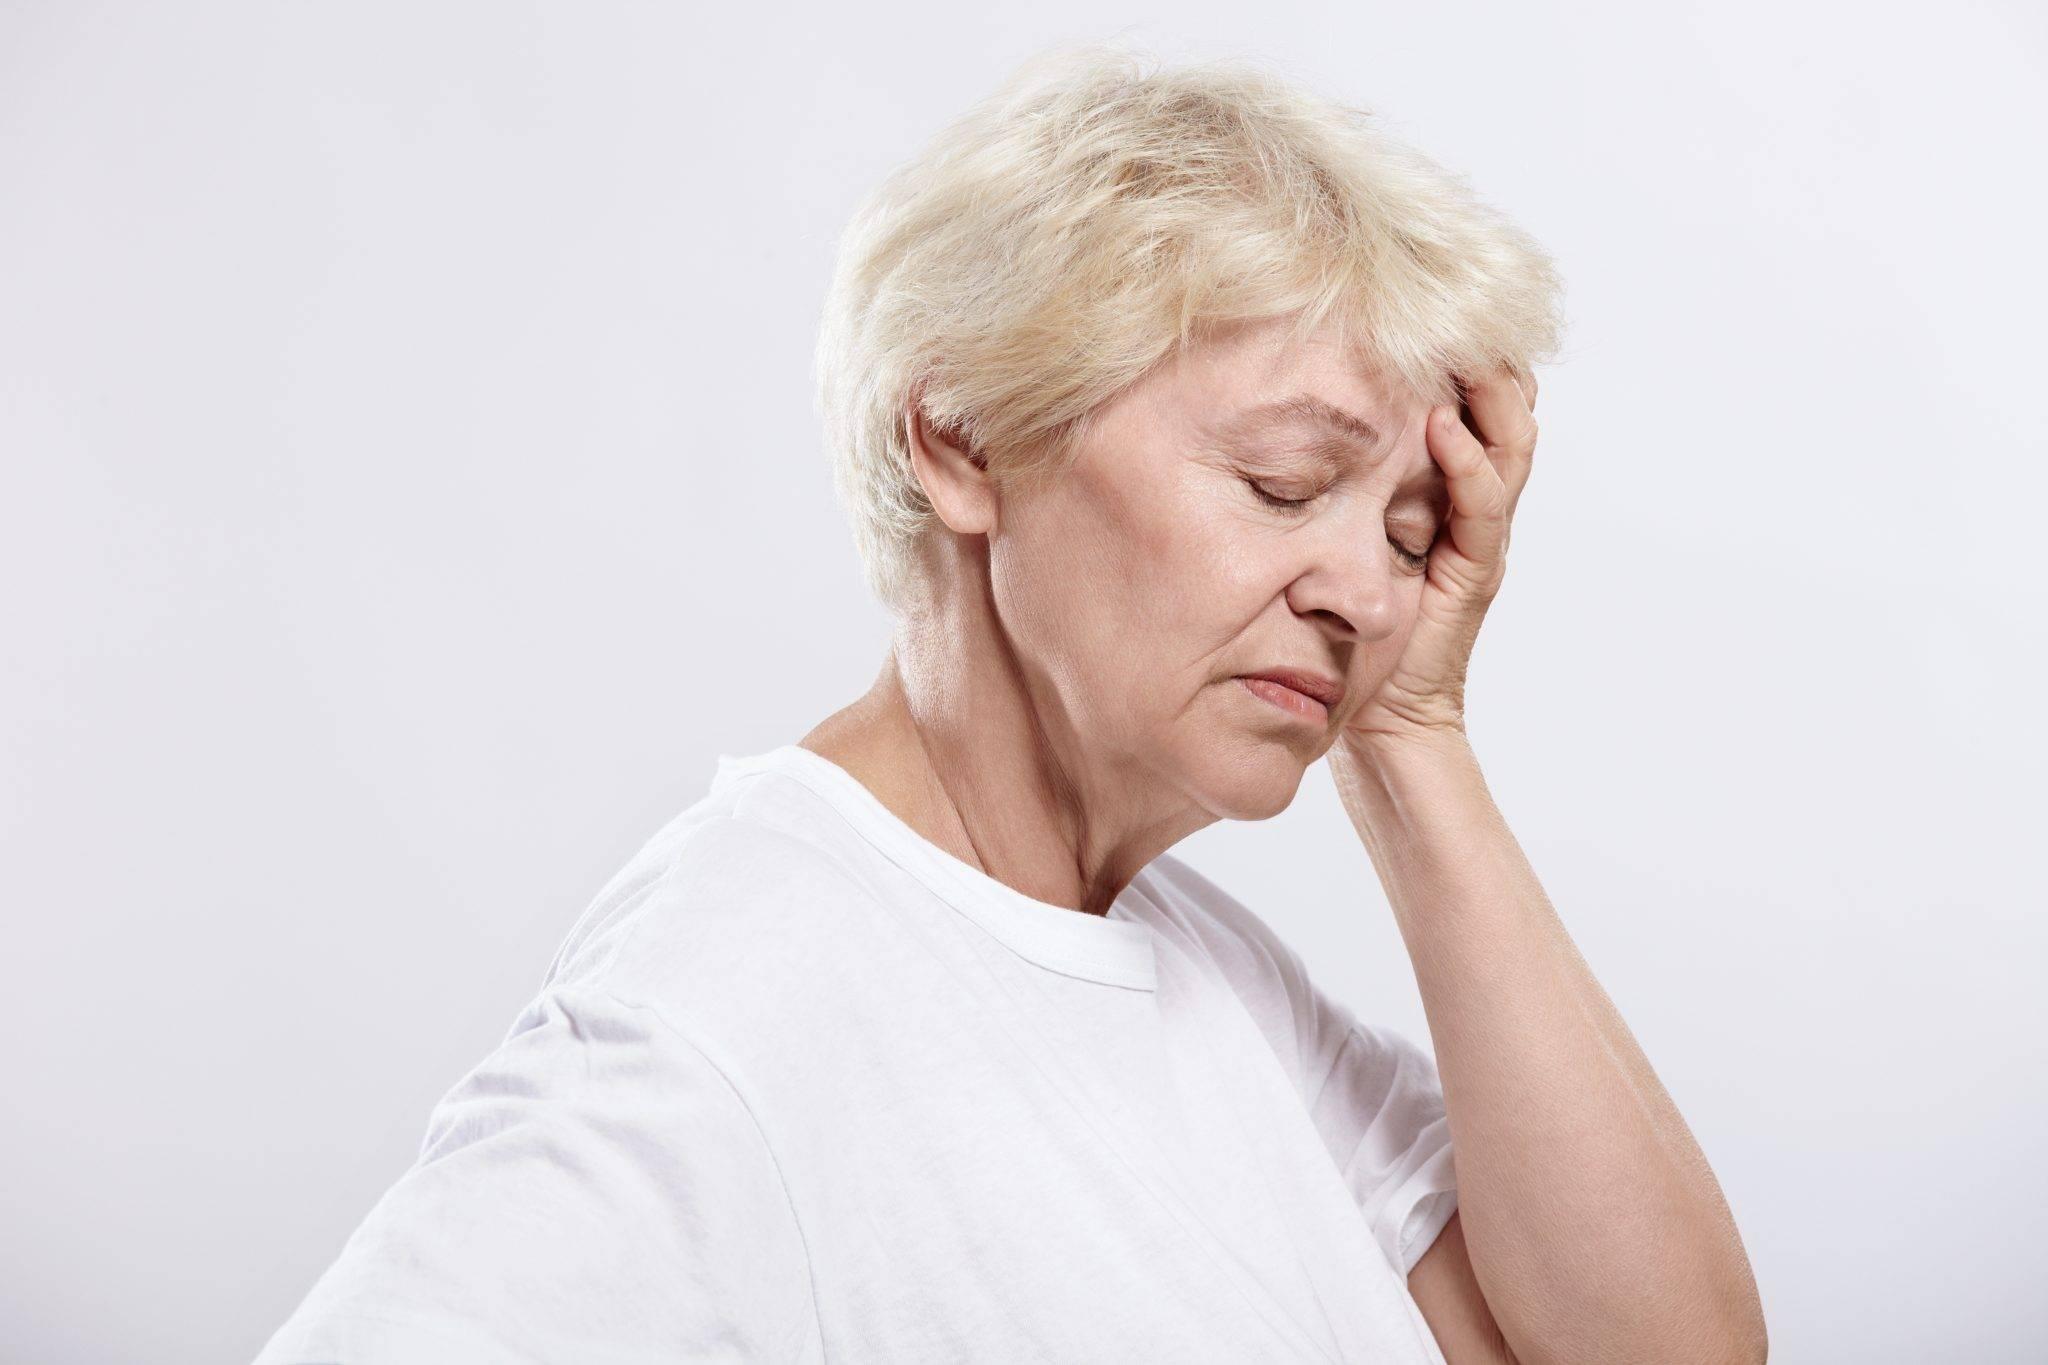 امید تازه برای درمان آلزایمر با ترکیب دارویی جدید